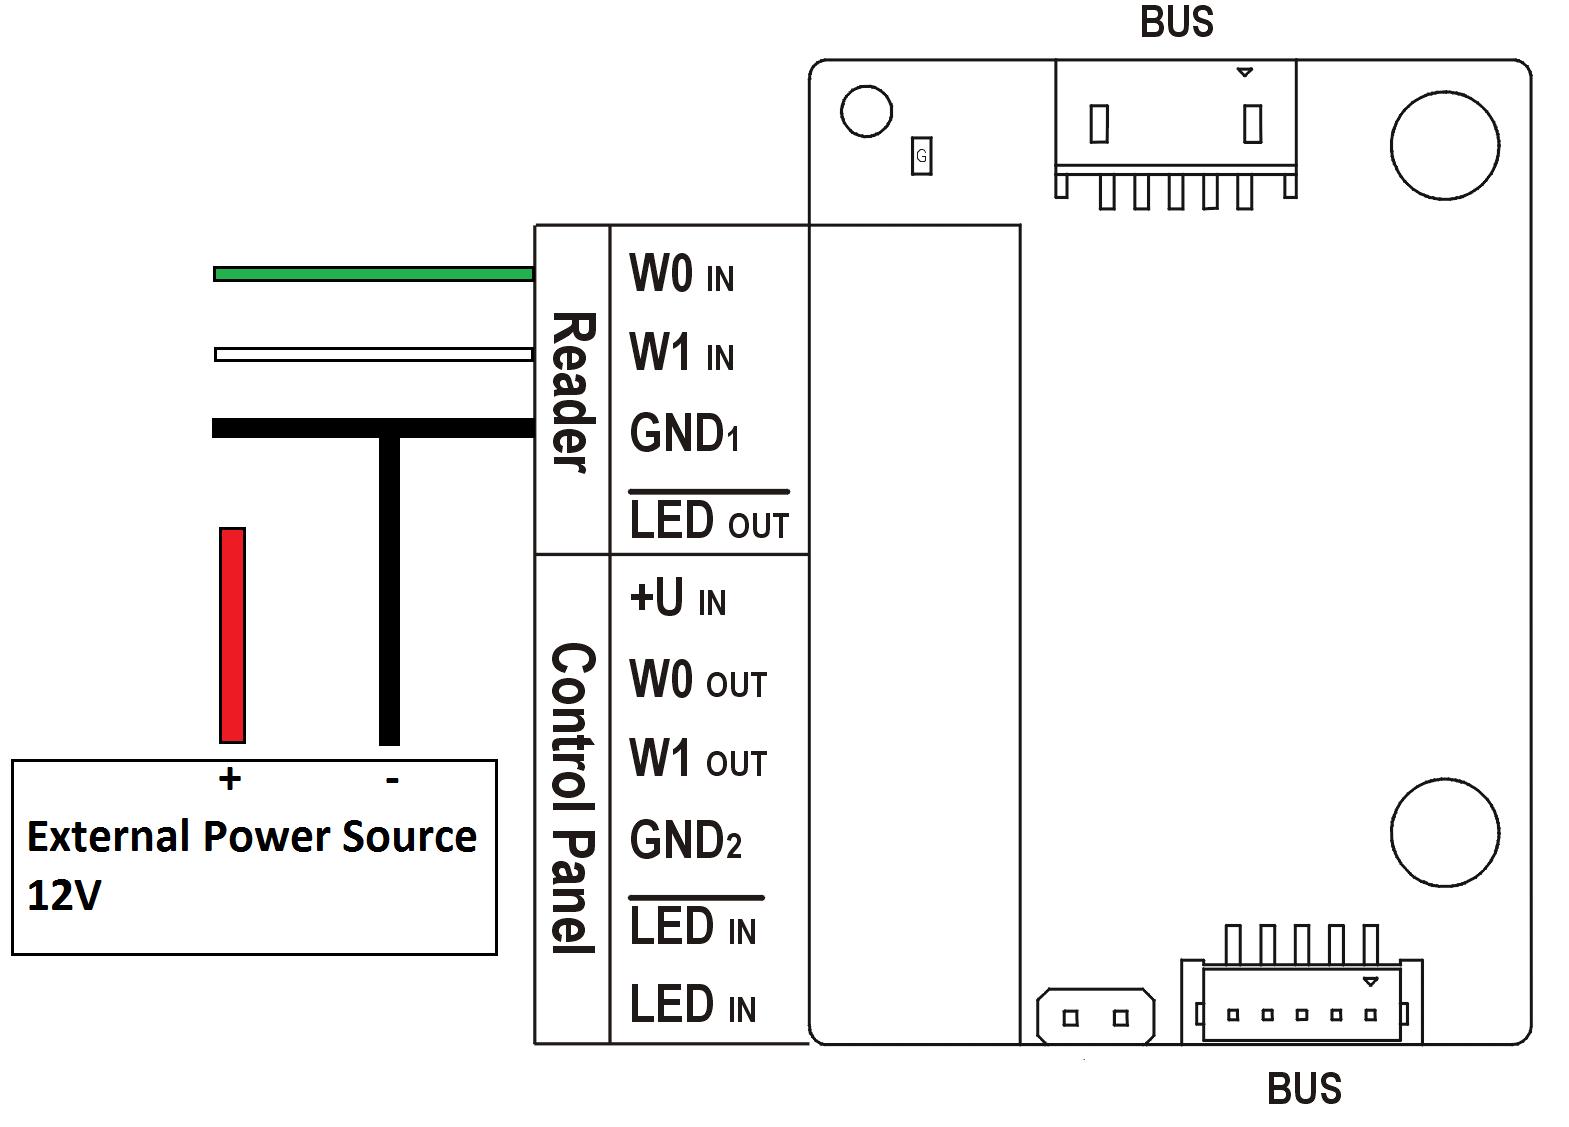 2n Helios Ip Force Wiring Diagram - Electrical Drawing Wiring Diagram •